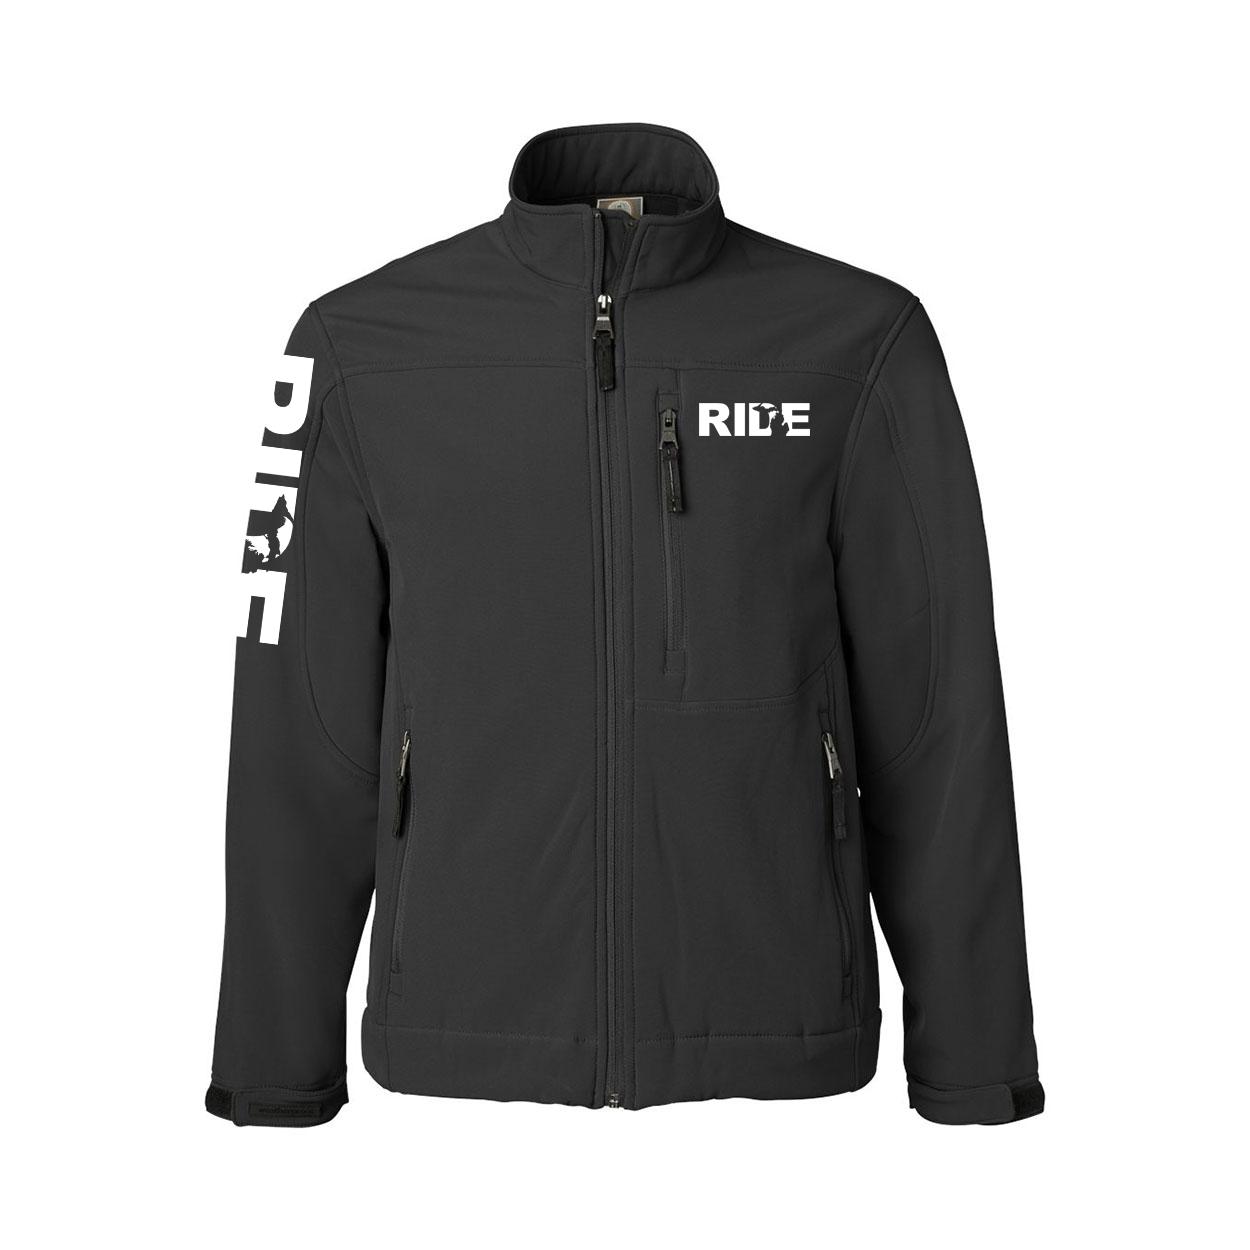 Ride Michigan Classic Soft Shell Weatherproof Jacket